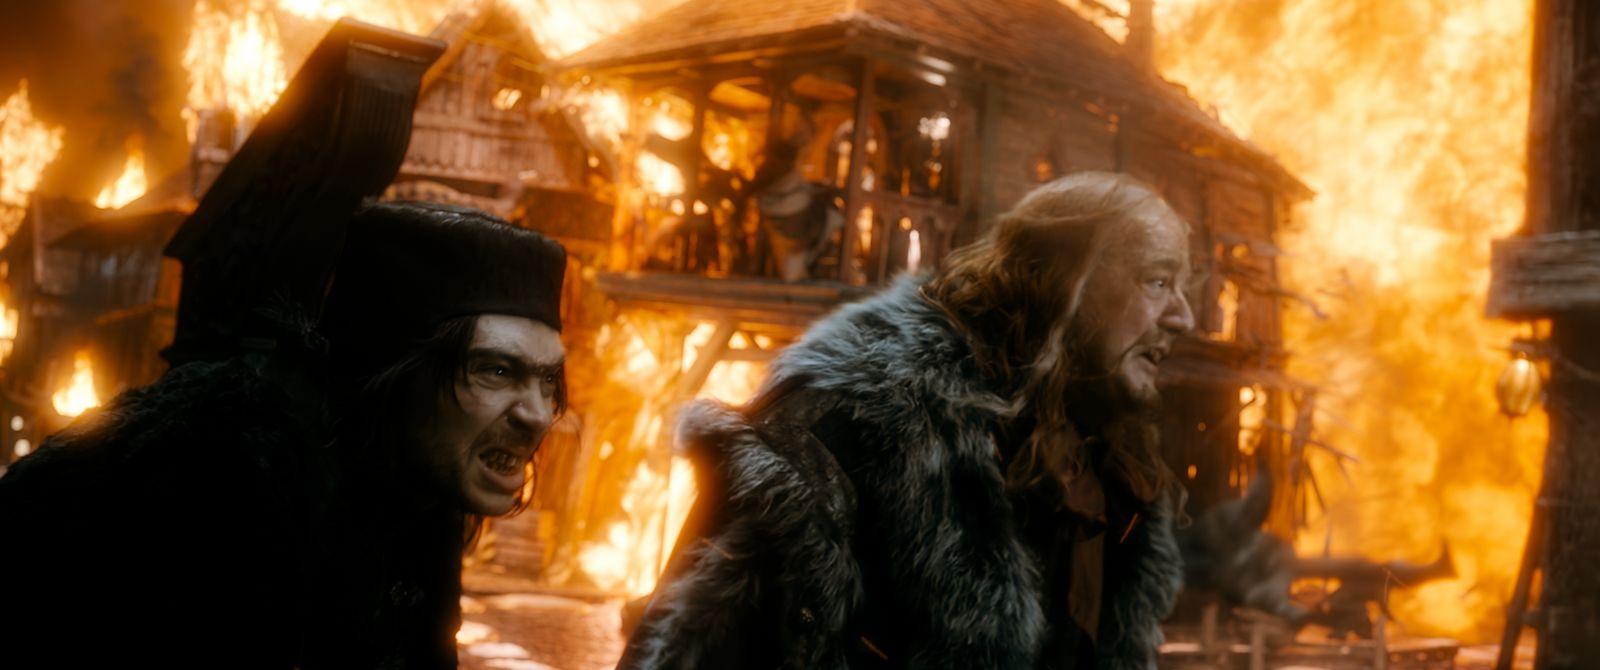 [Révision] Le Hobbit : La Bataille des Cinq Armées : Le meilleur de la trilogie ?